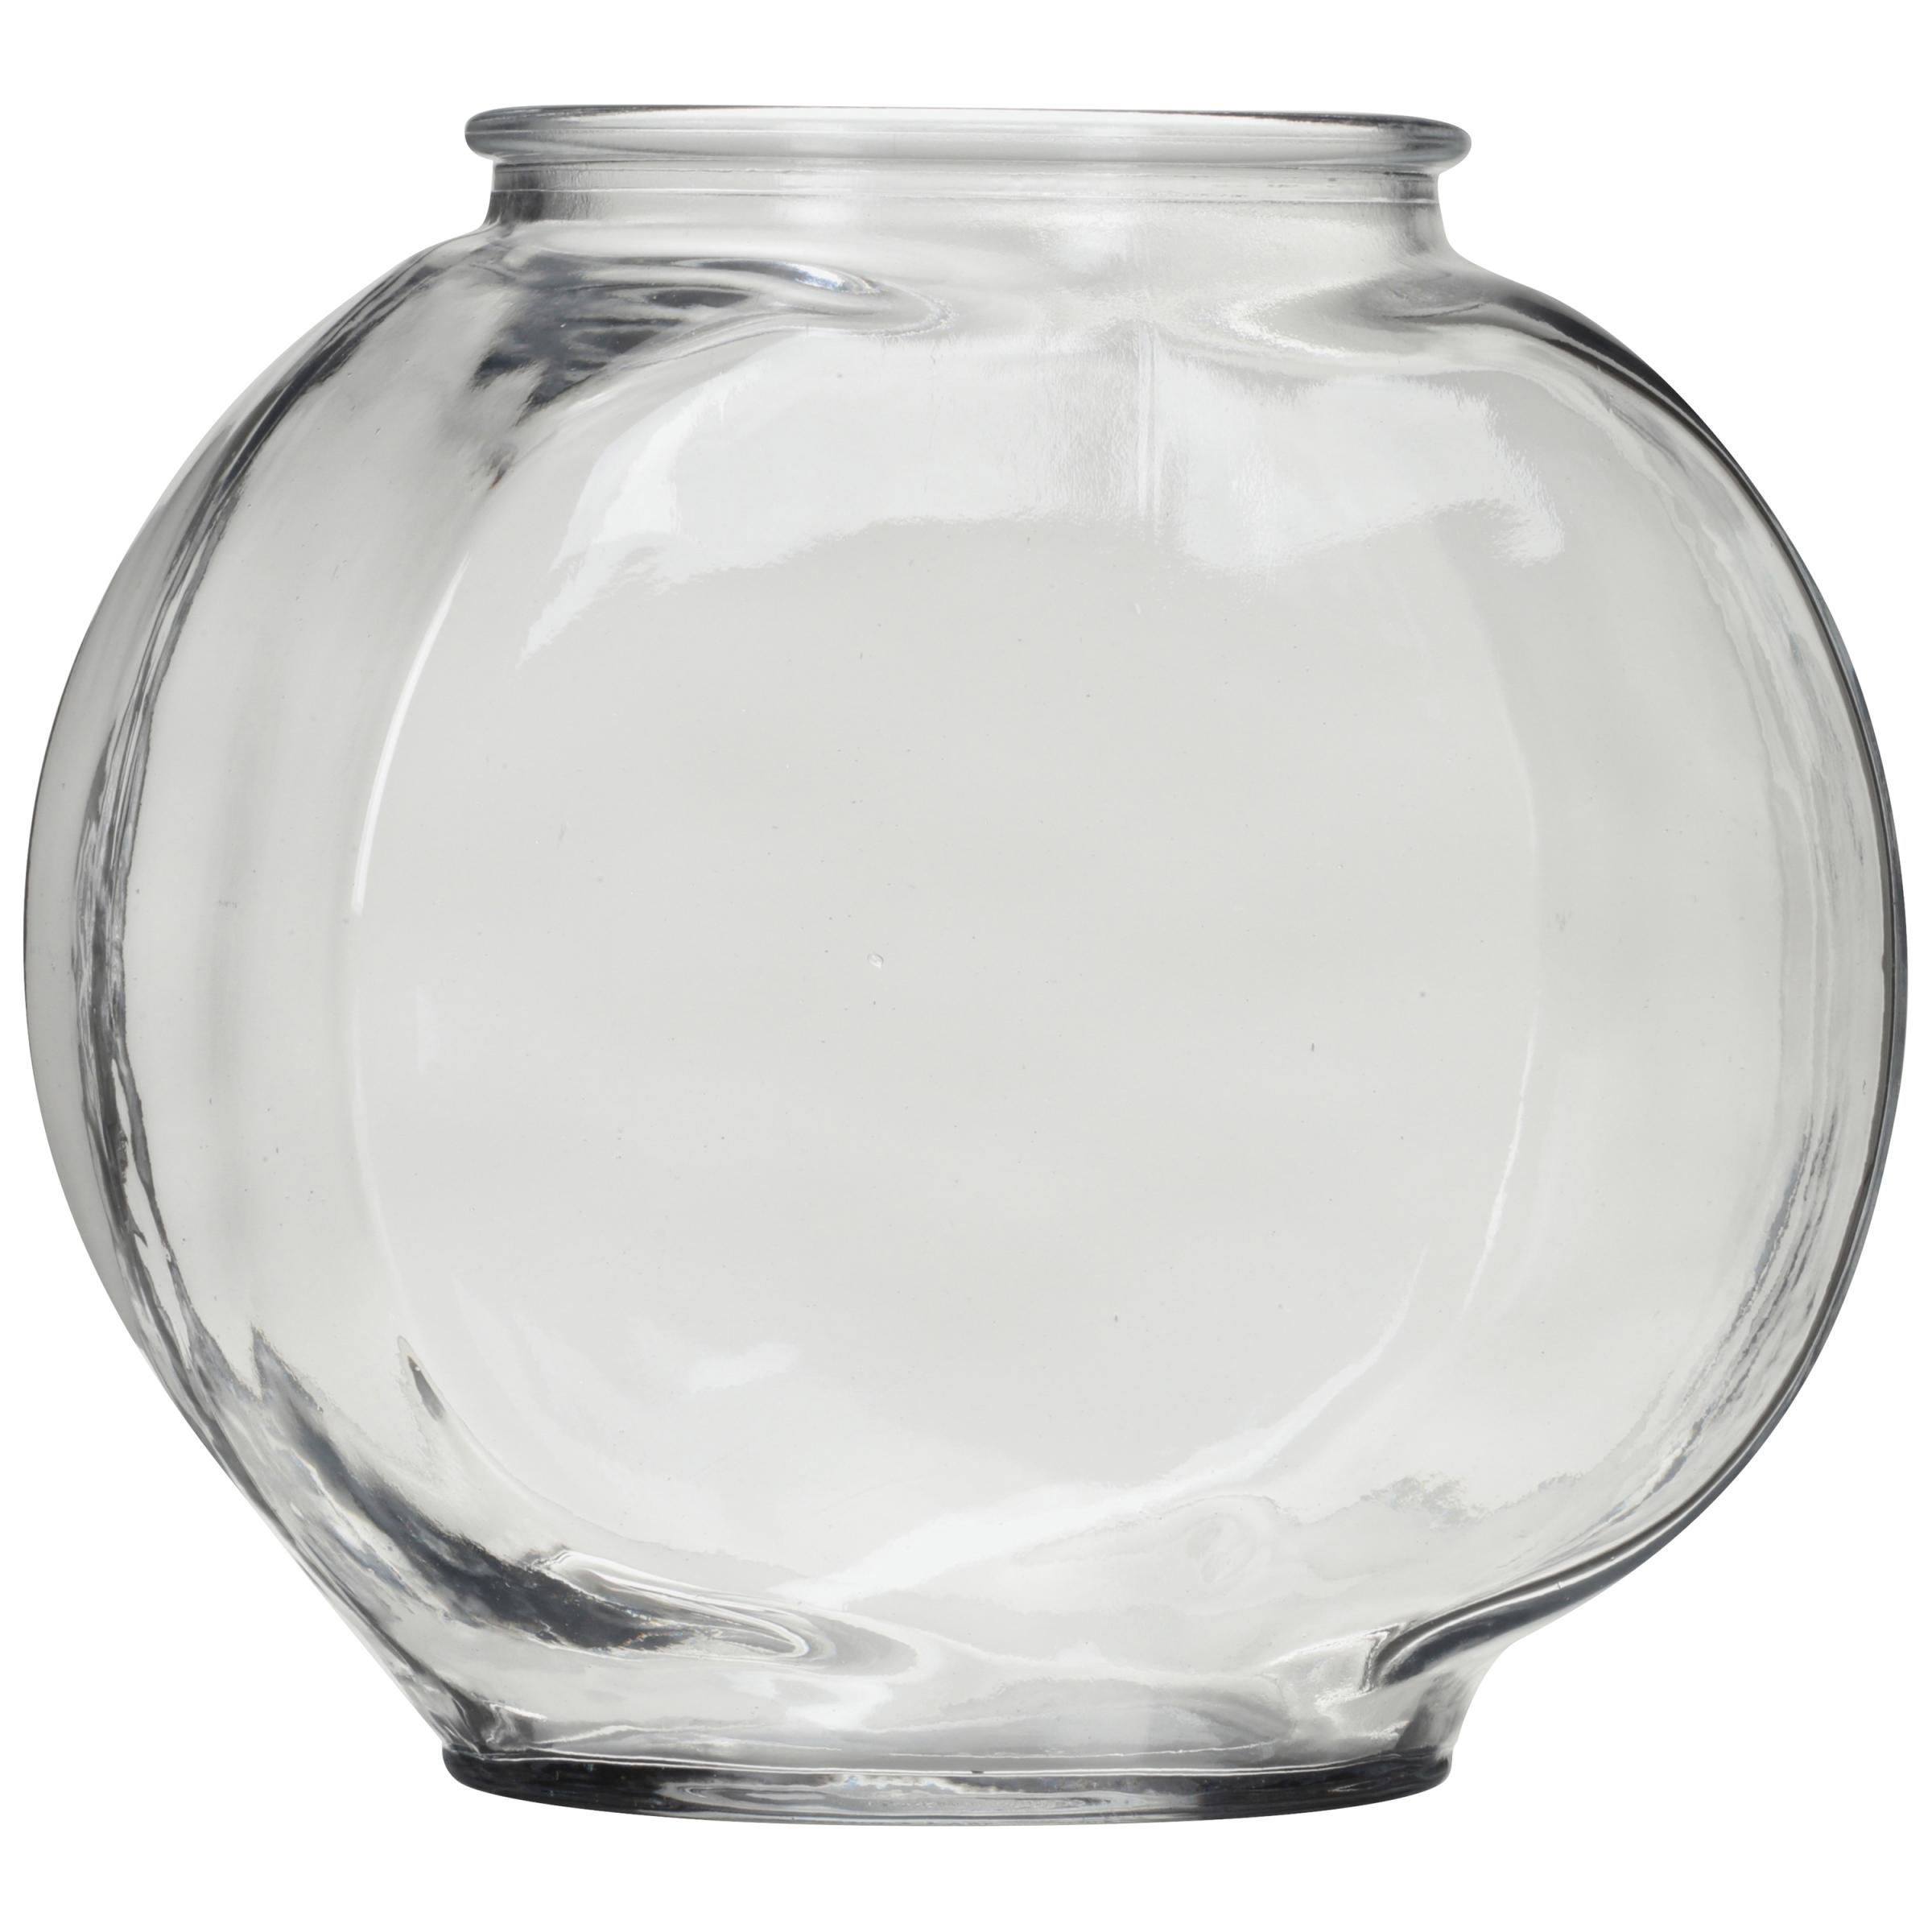 Aqua Culture 0.5-Gallon Drum Fish Bowl